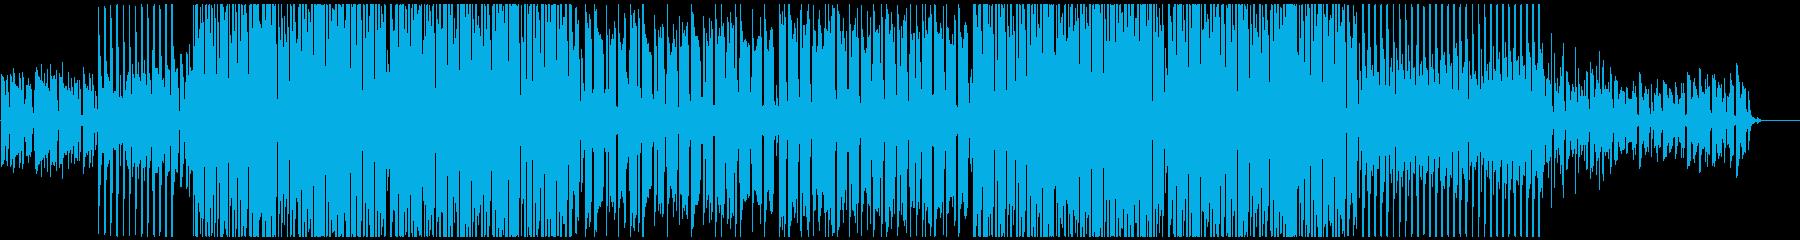 未来を照らすようなコーポレートBGMの再生済みの波形